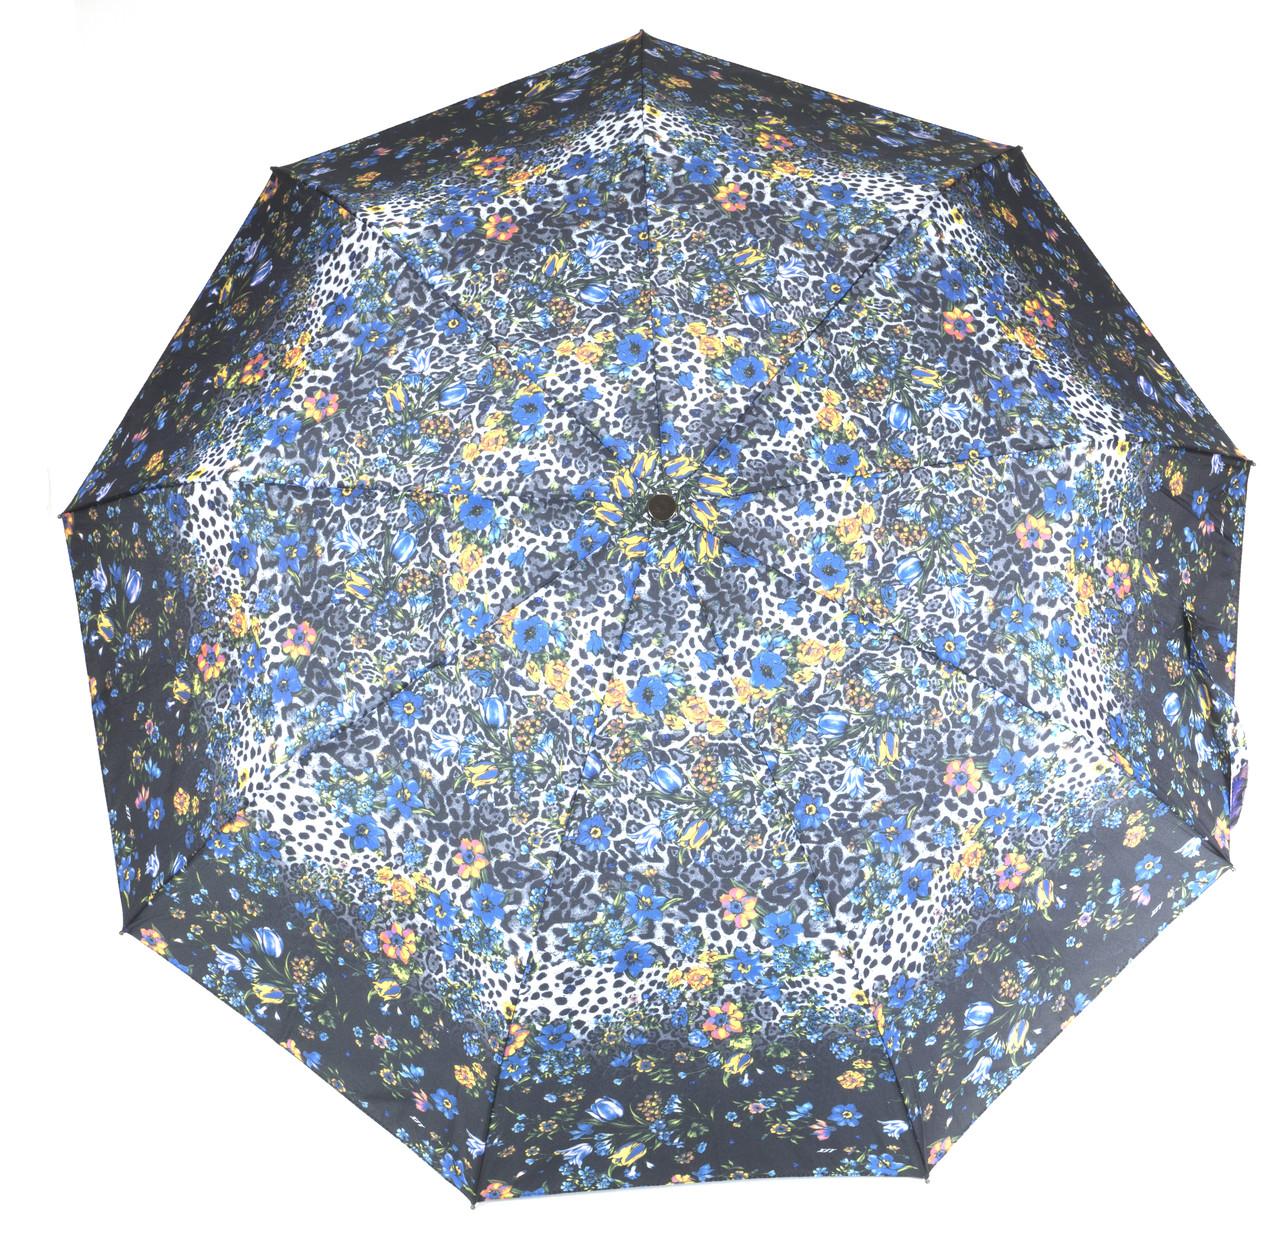 Жіночий симпатичний міцний парасолька напівавтомат art. 461 маленькі квіточки на чорному фоні (104105)